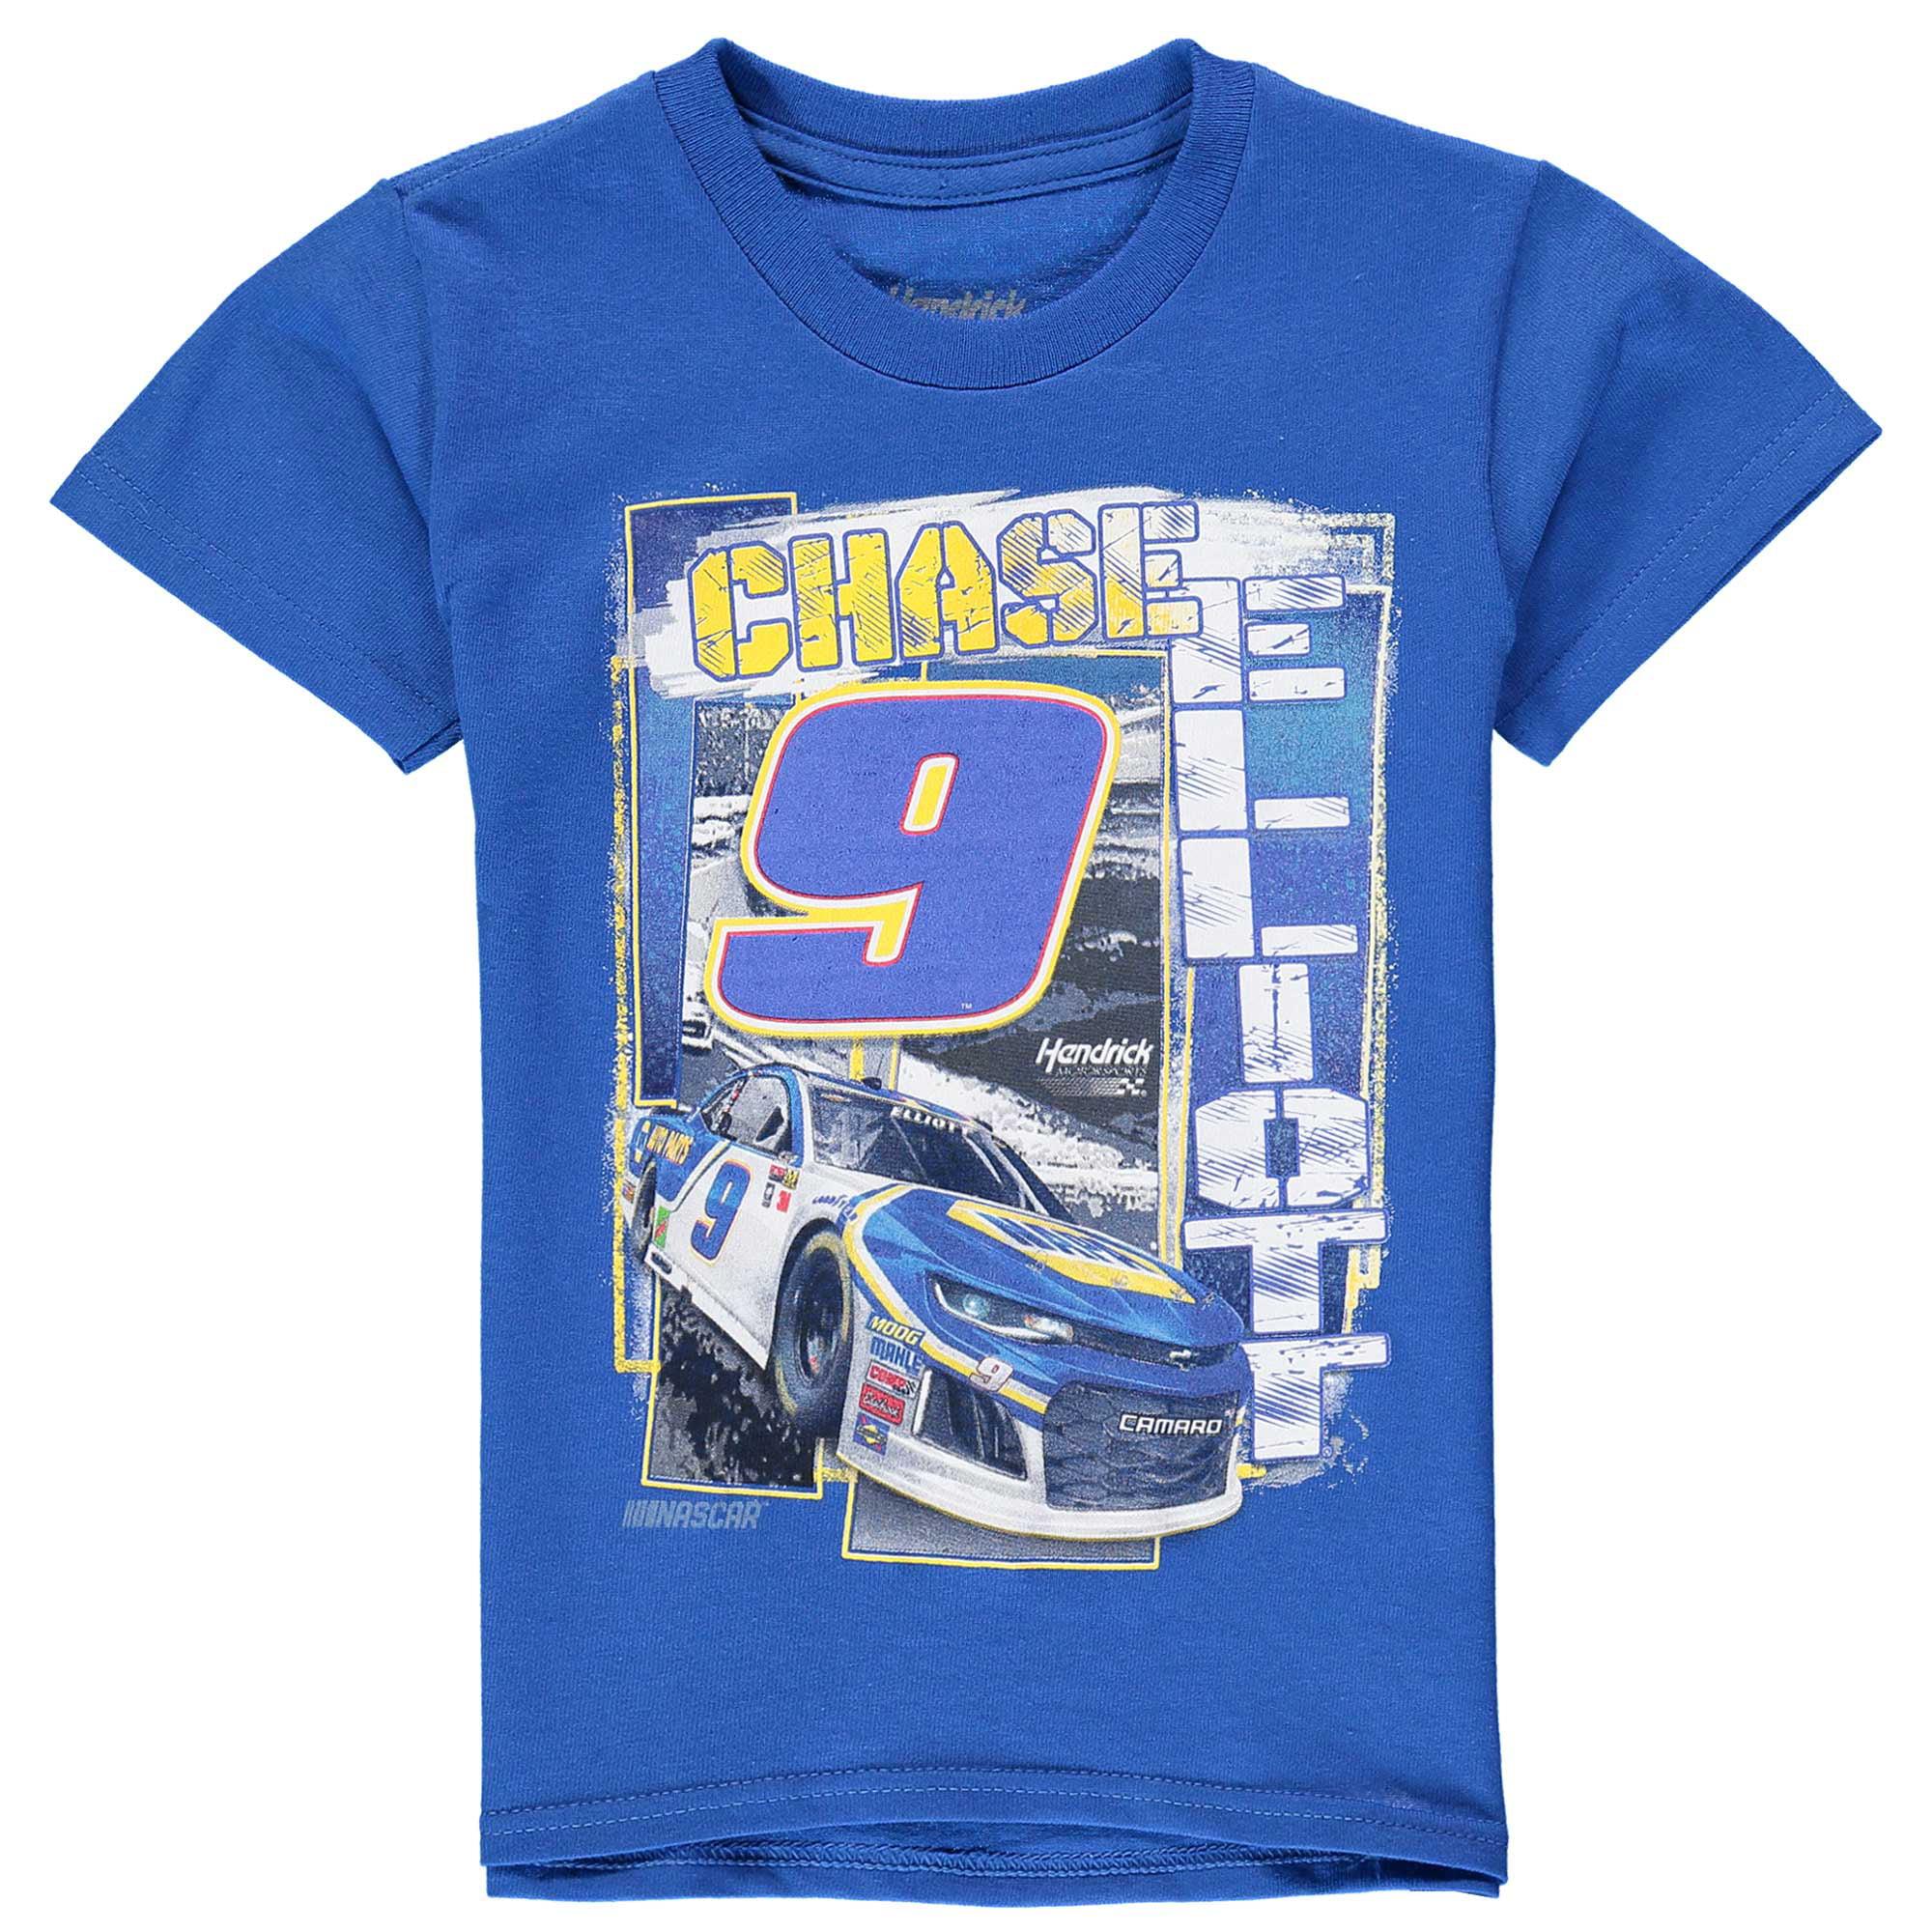 Chase Elliott Checkered Flag Youth Front Runner T-Shirt - Royal